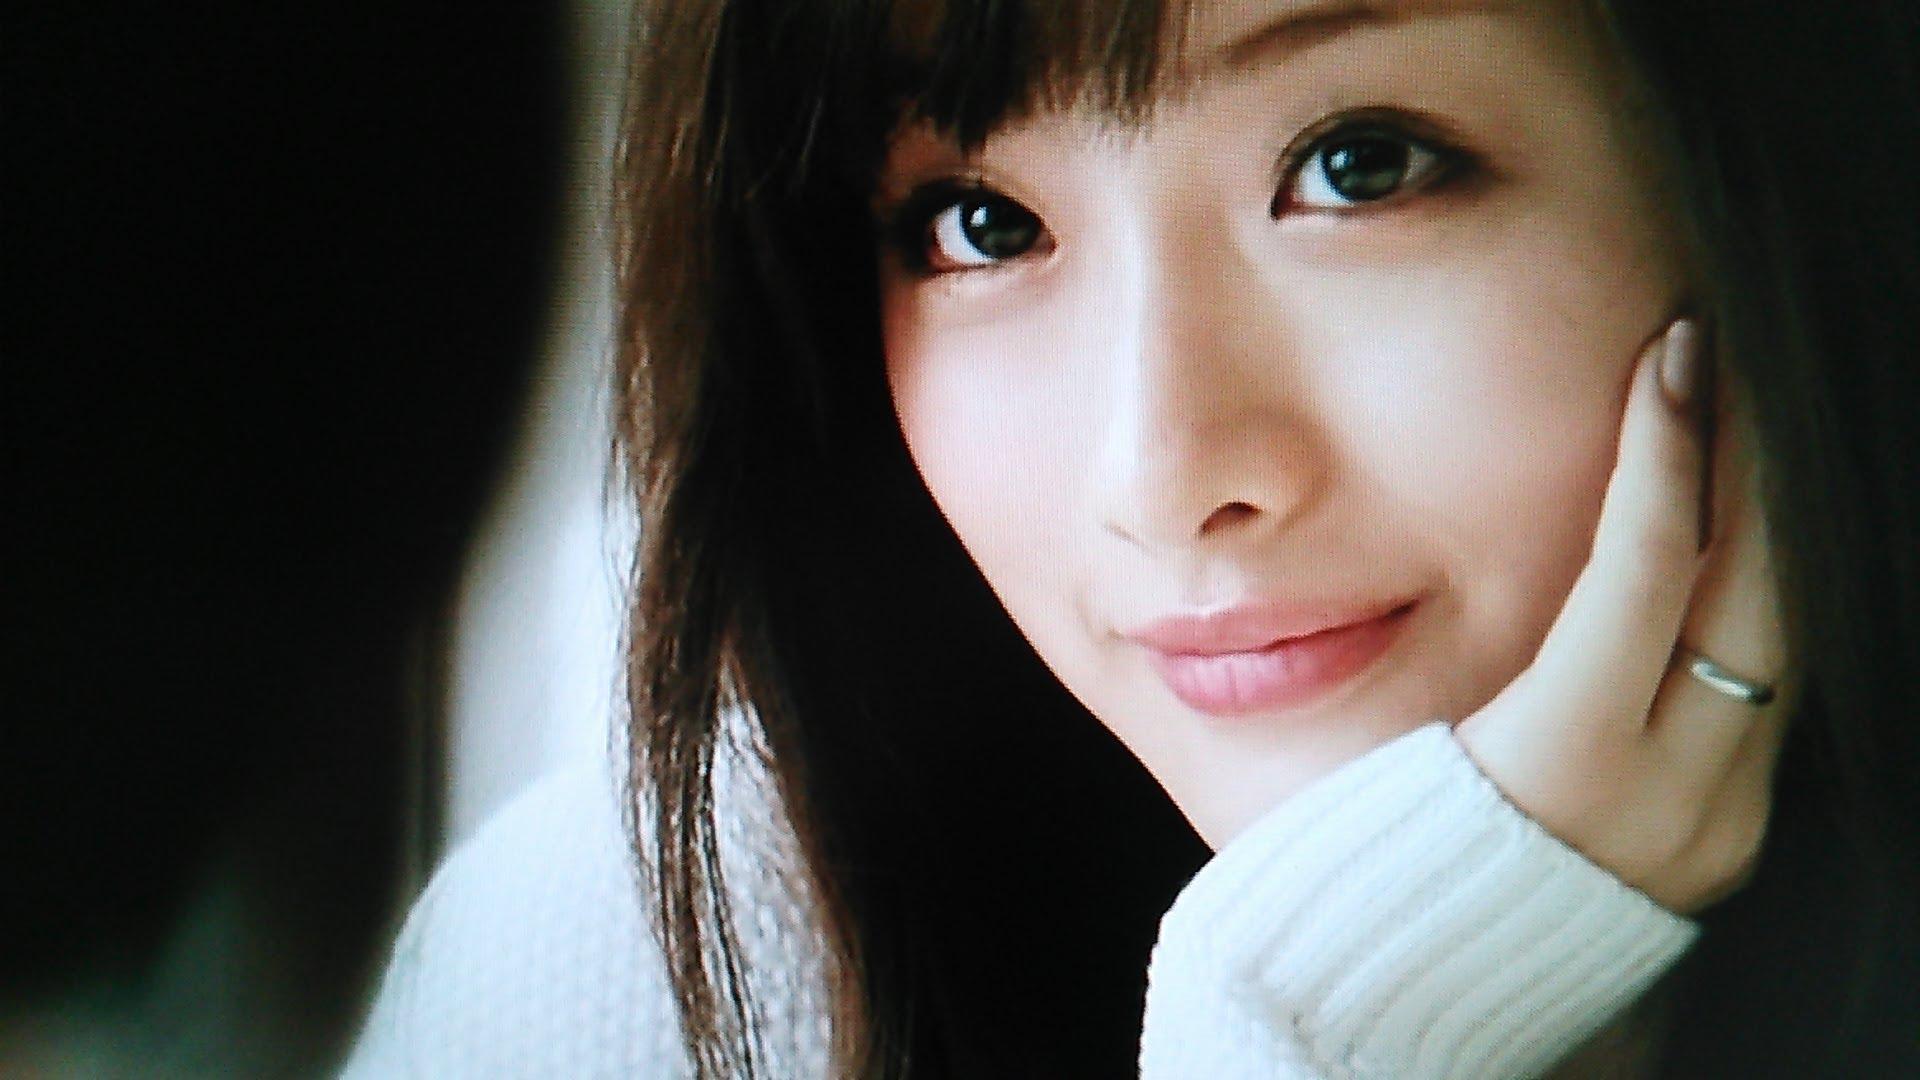 キレイに磨きがかかる人気女優石原さとみ☆昔から可愛すぎた☆のサムネイル画像